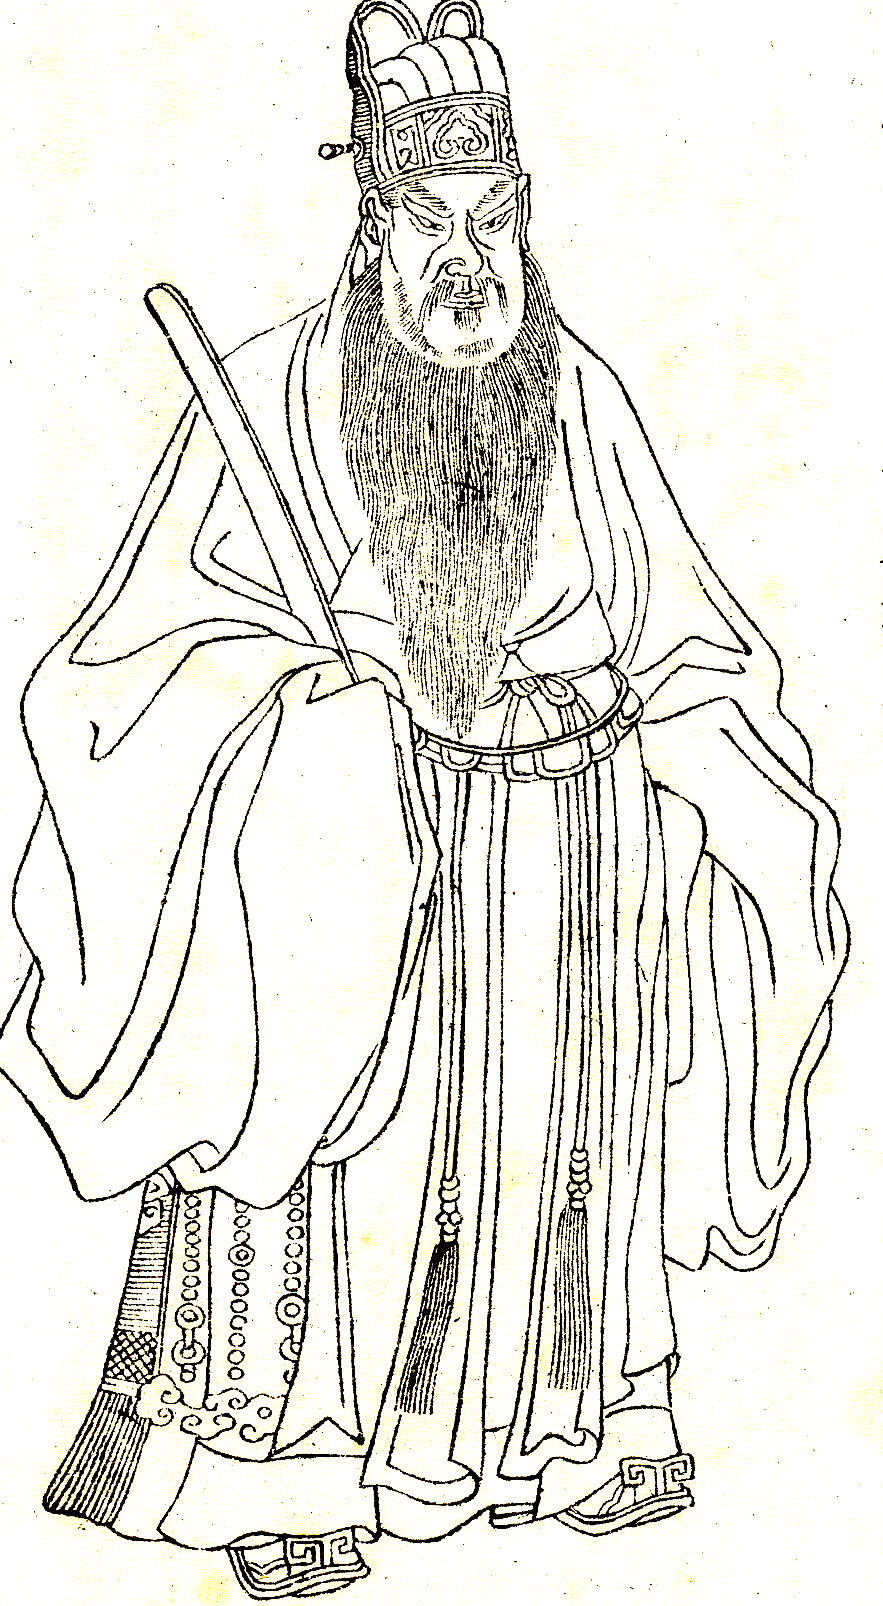 楊繼盛 - 維基百科,楊繼盛考上了進士,直隸容城(今河北容城縣北河照村)人。嘉靖二十六年(1547年),字仲芳,自由的百科全書